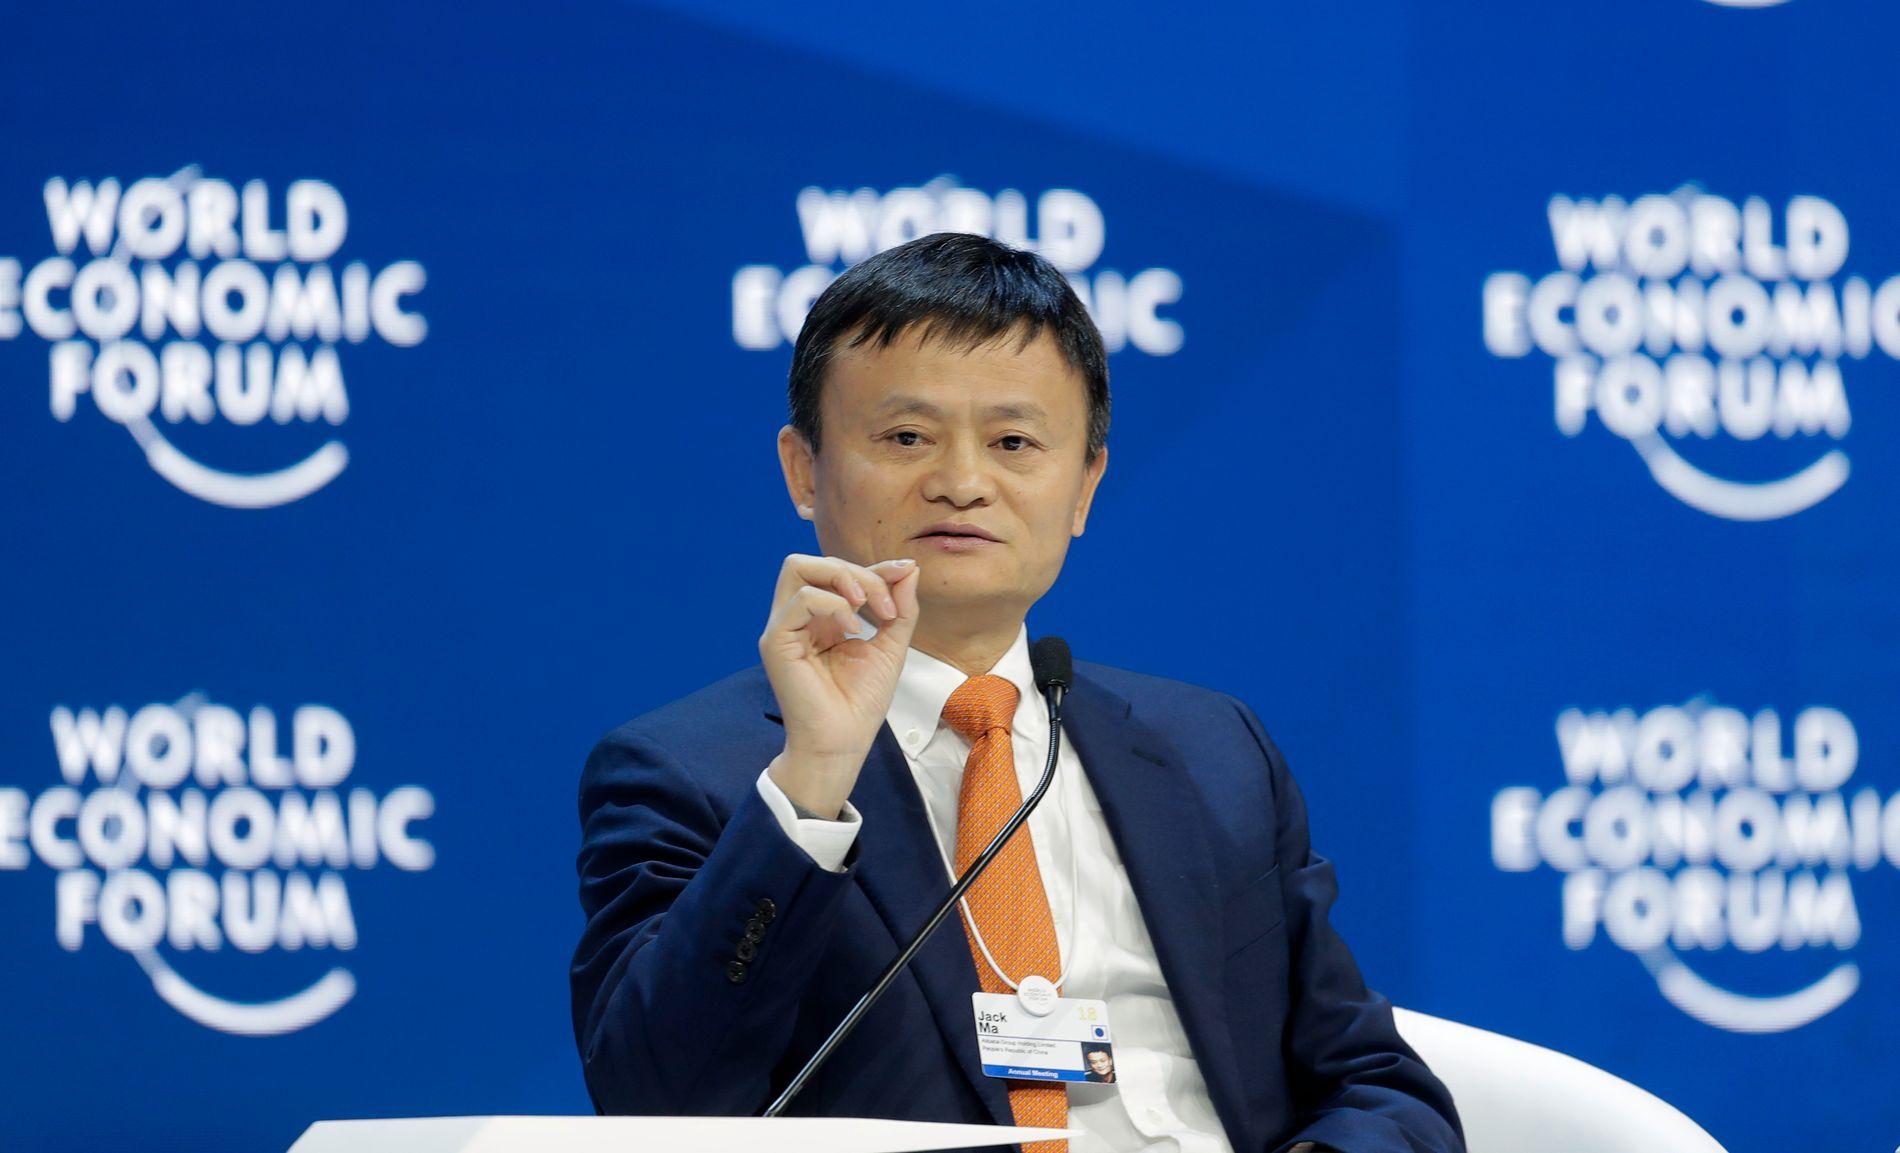 SKULEREFORM: «Vi må lære noko unikt, som ikkje maskinene kan konkurrere med», sa Alibaba-gründer Jack Ma nyleg til verdseliten i Davos. Den digitale revolusjonen gjer at vi må tenkje nytt når det gjeld skulen, skriv BT-kommentator Hans K. Mjelva.